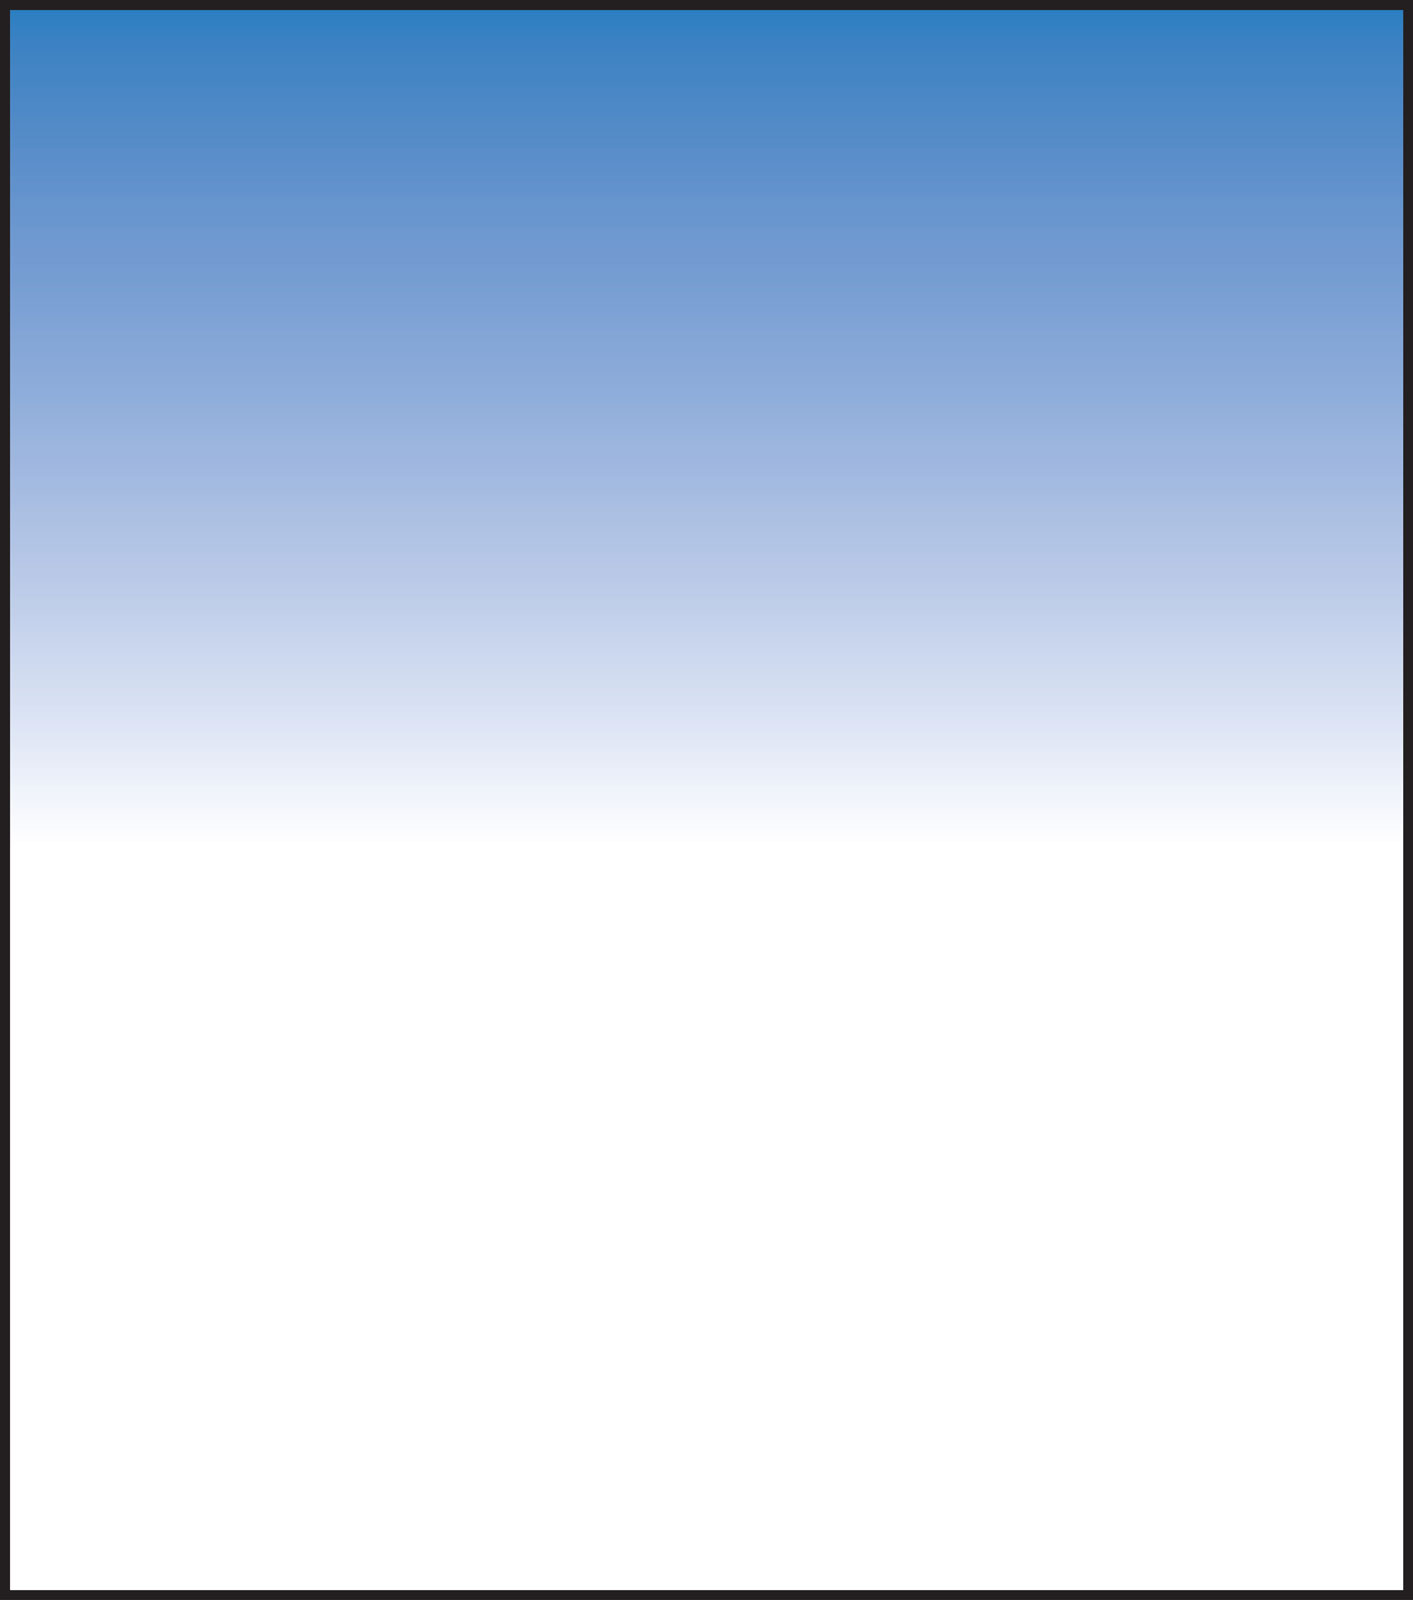 SW150-Sky-Blue-4-Soft-Grad